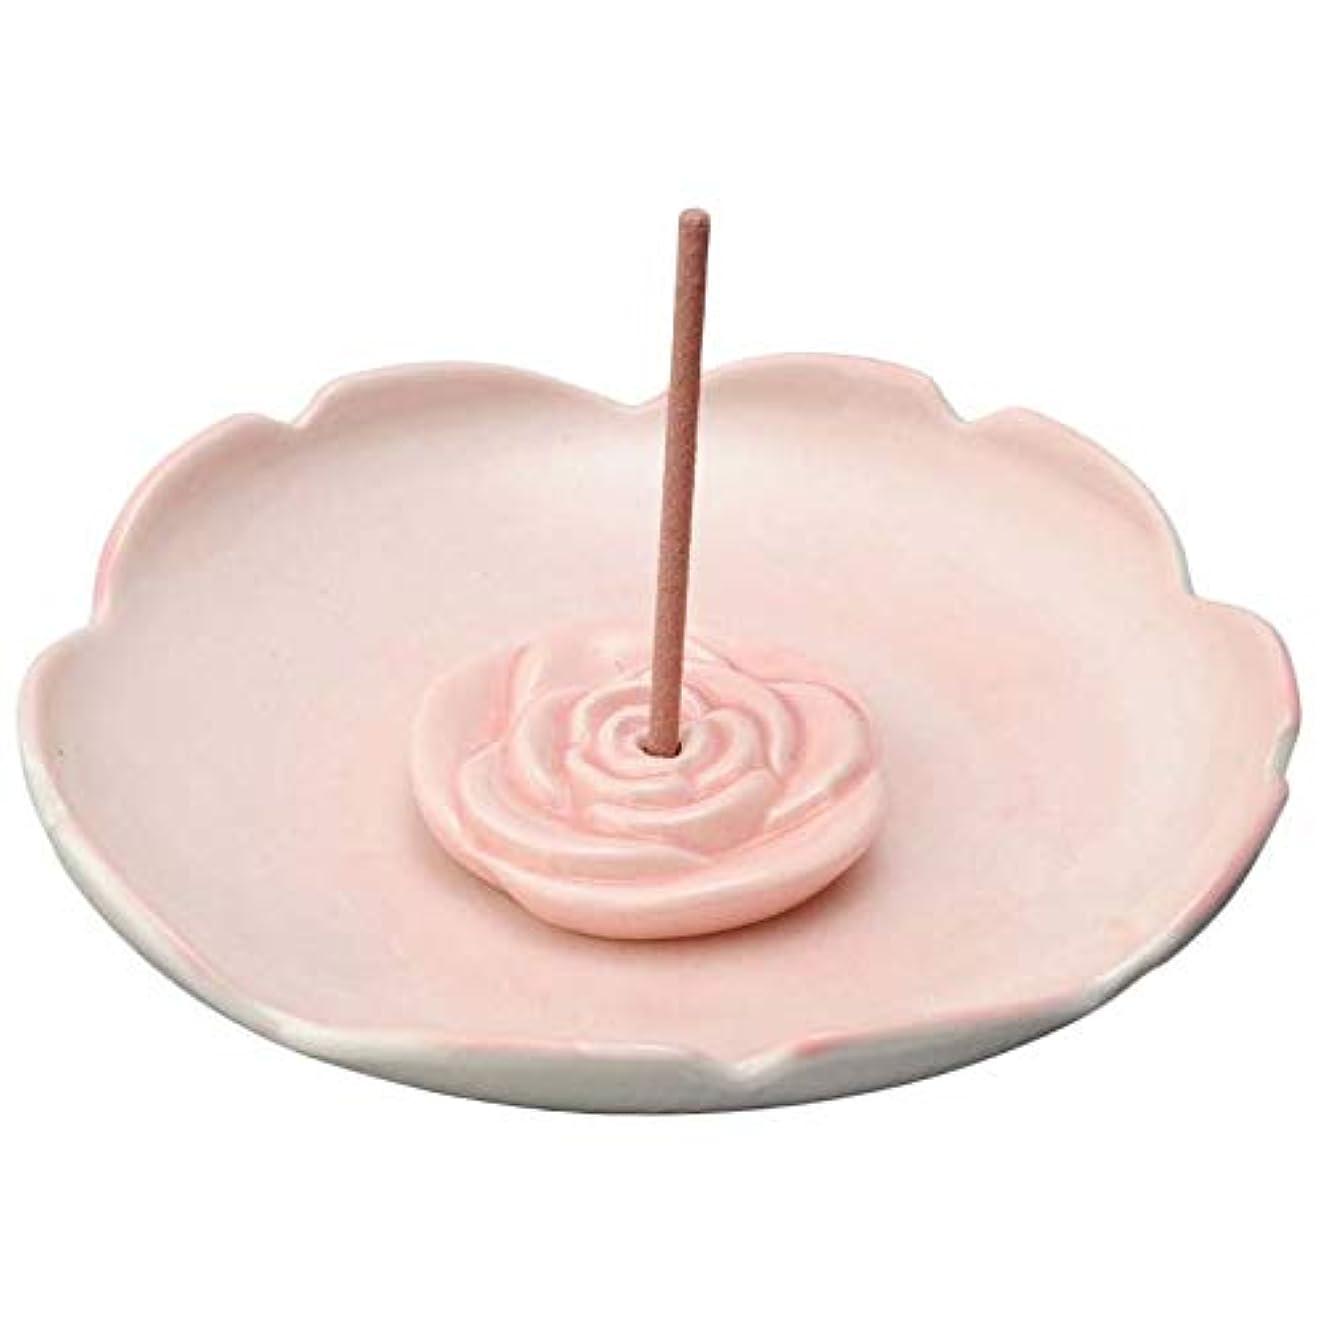 取得モールス信号汚物香皿 香立て/バラ型 香皿/香り アロマ 癒やし リラックス インテリア プレゼント 贈り物